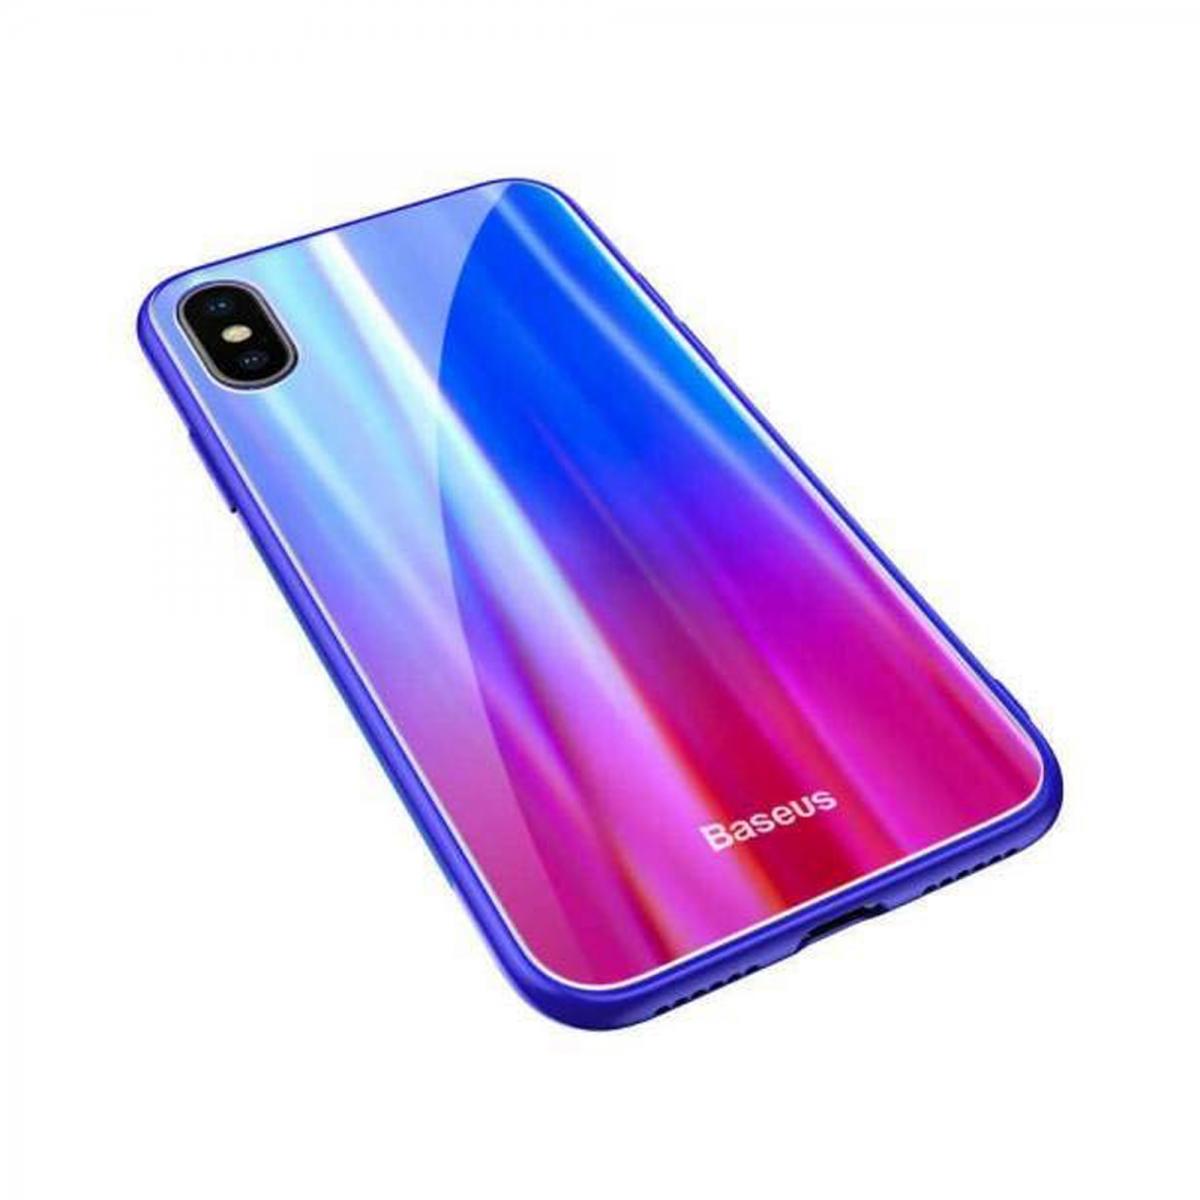 Чехол для сотового телефона Baseus WIAPIPHX-XC39, синий, красный baseus guards case tpu tpe cover for iphone 7 red